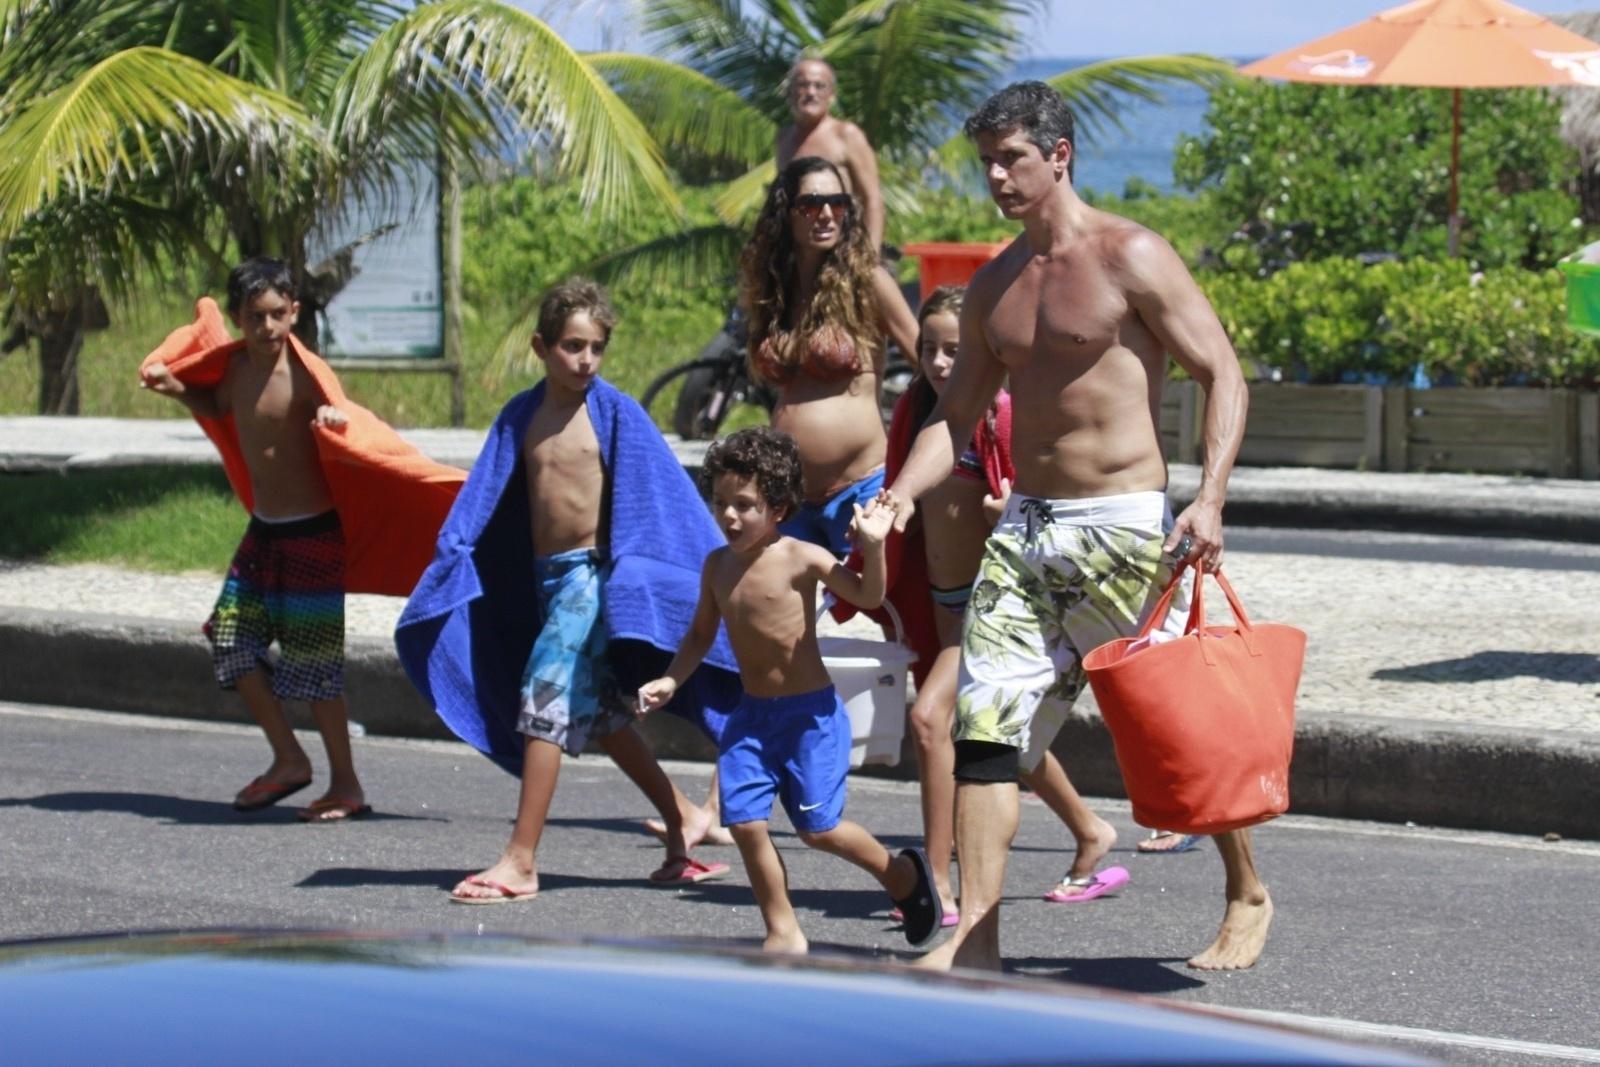 18.jan.2014 - Márcio Garcia curte praia com a família no Rio, Na tarde deste sábado (18), o ator foi clicado ao lado da mulher, a nutricionista Andrea Santa Rosa, que está grávida de nove semanas e dos filhos, Pedro, de 9 anos, Nina, de 8 e Felipe, de 4.